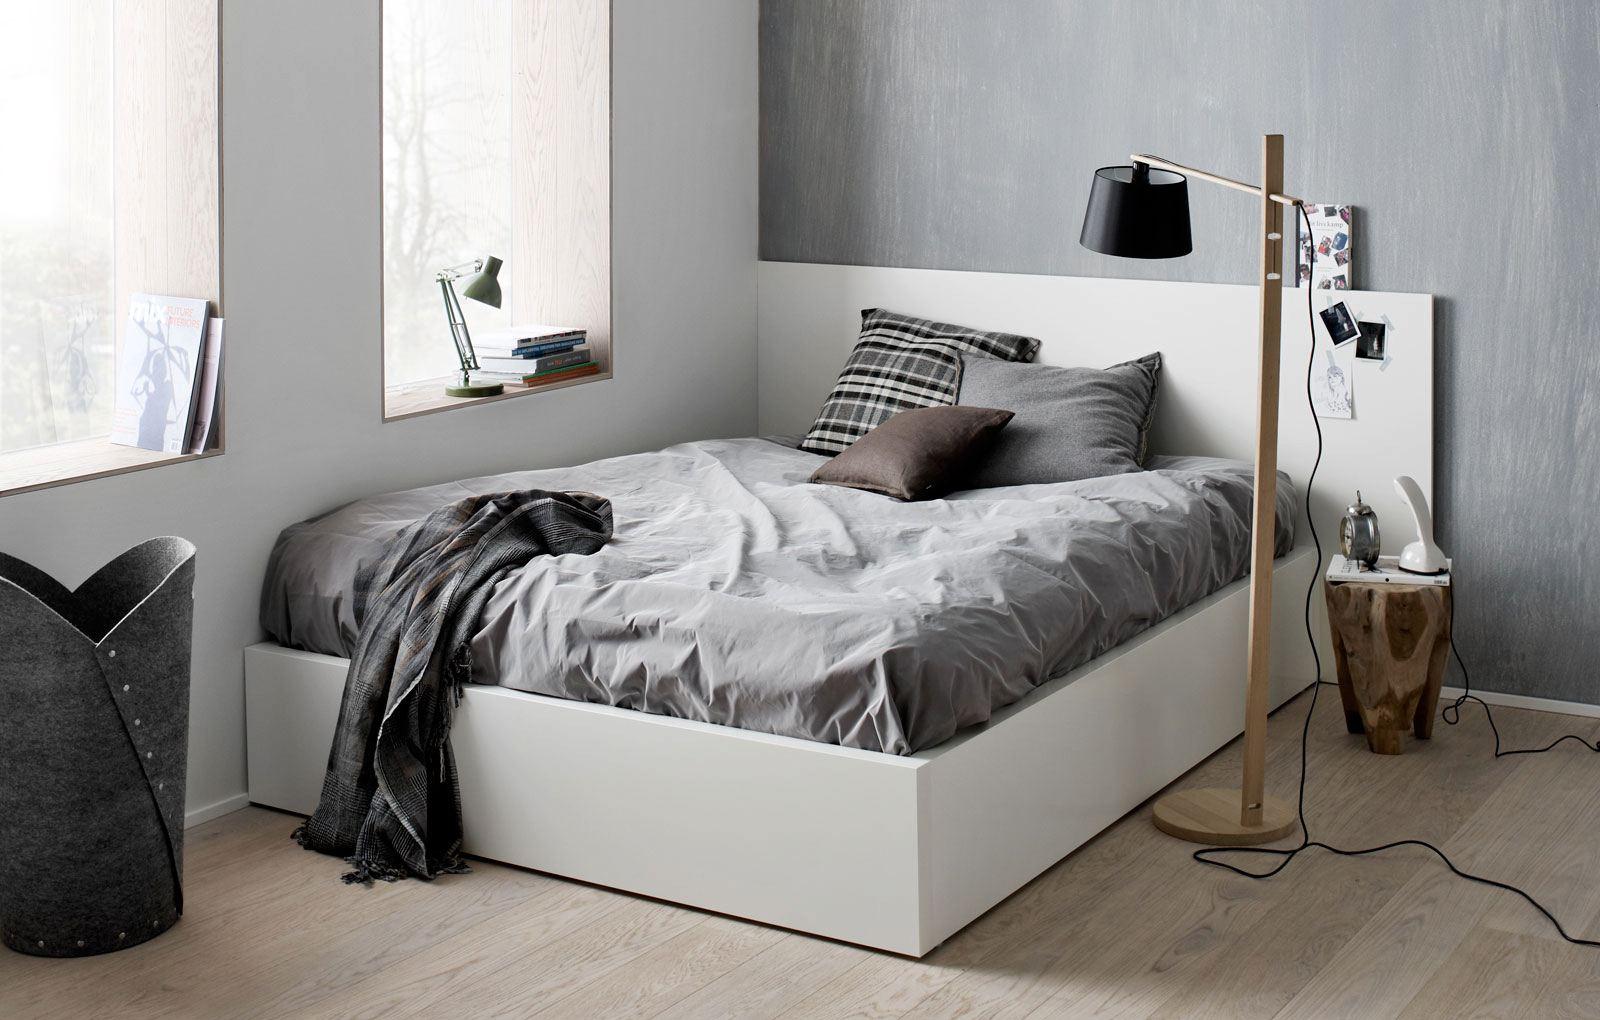 ideias quarto de casal da boconcept decora o e ideias. Black Bedroom Furniture Sets. Home Design Ideas